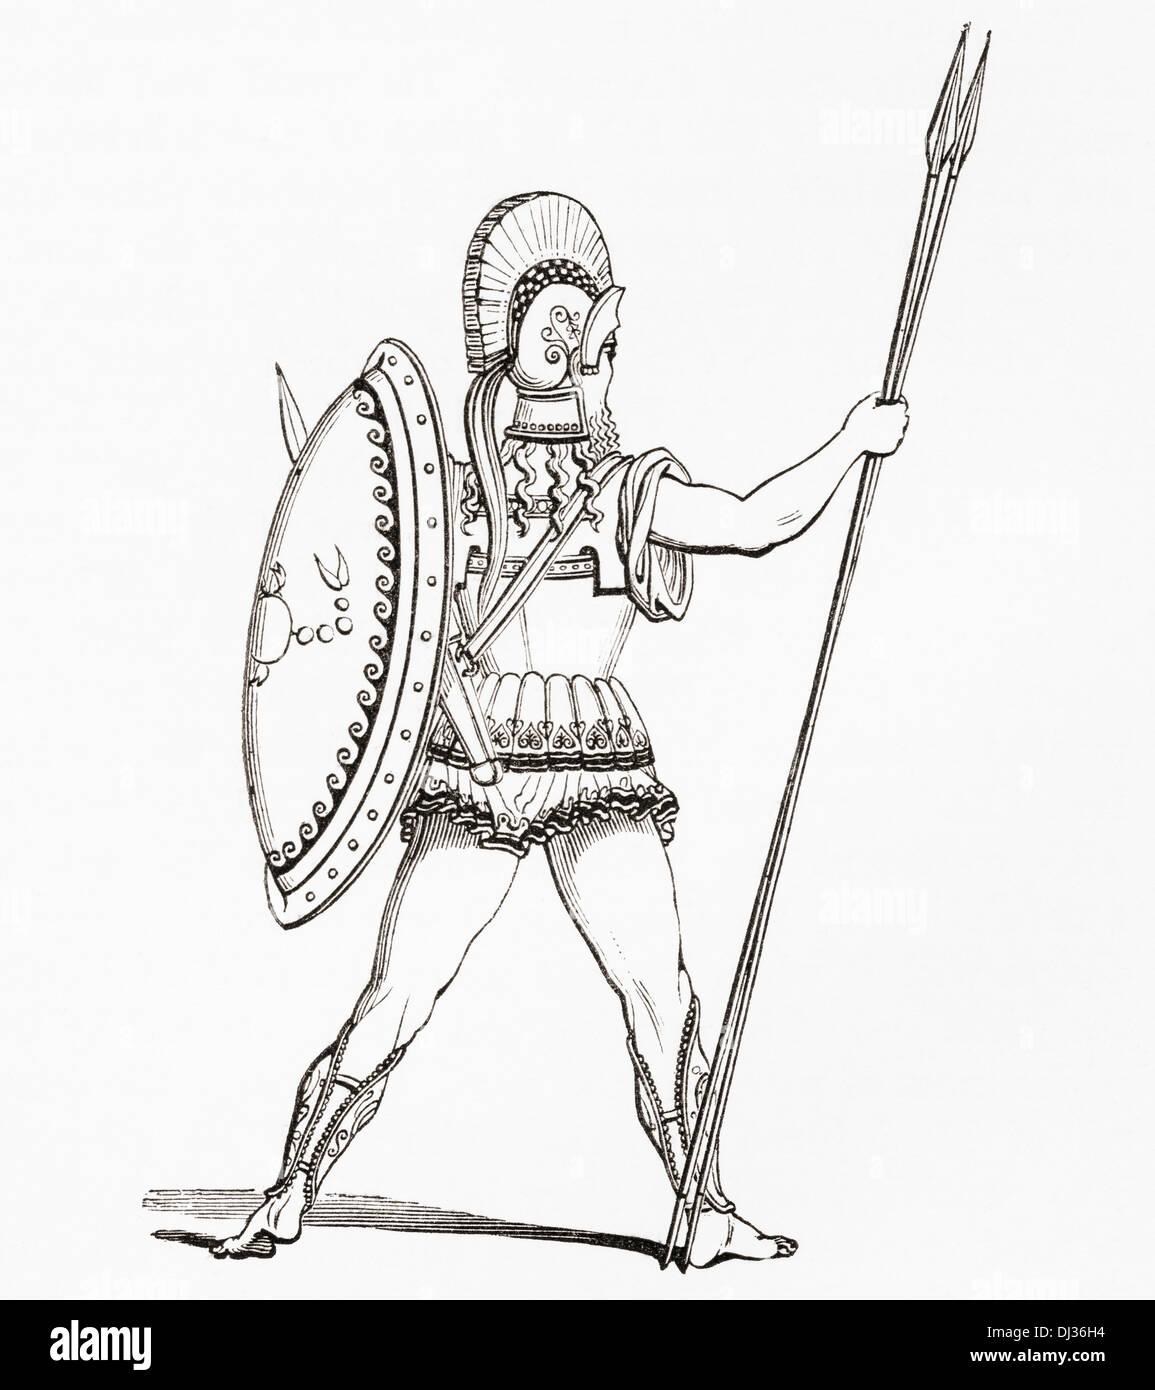 Schwerbewaffneten griechischen Krieger gekleidet für den Kampf. Stockbild